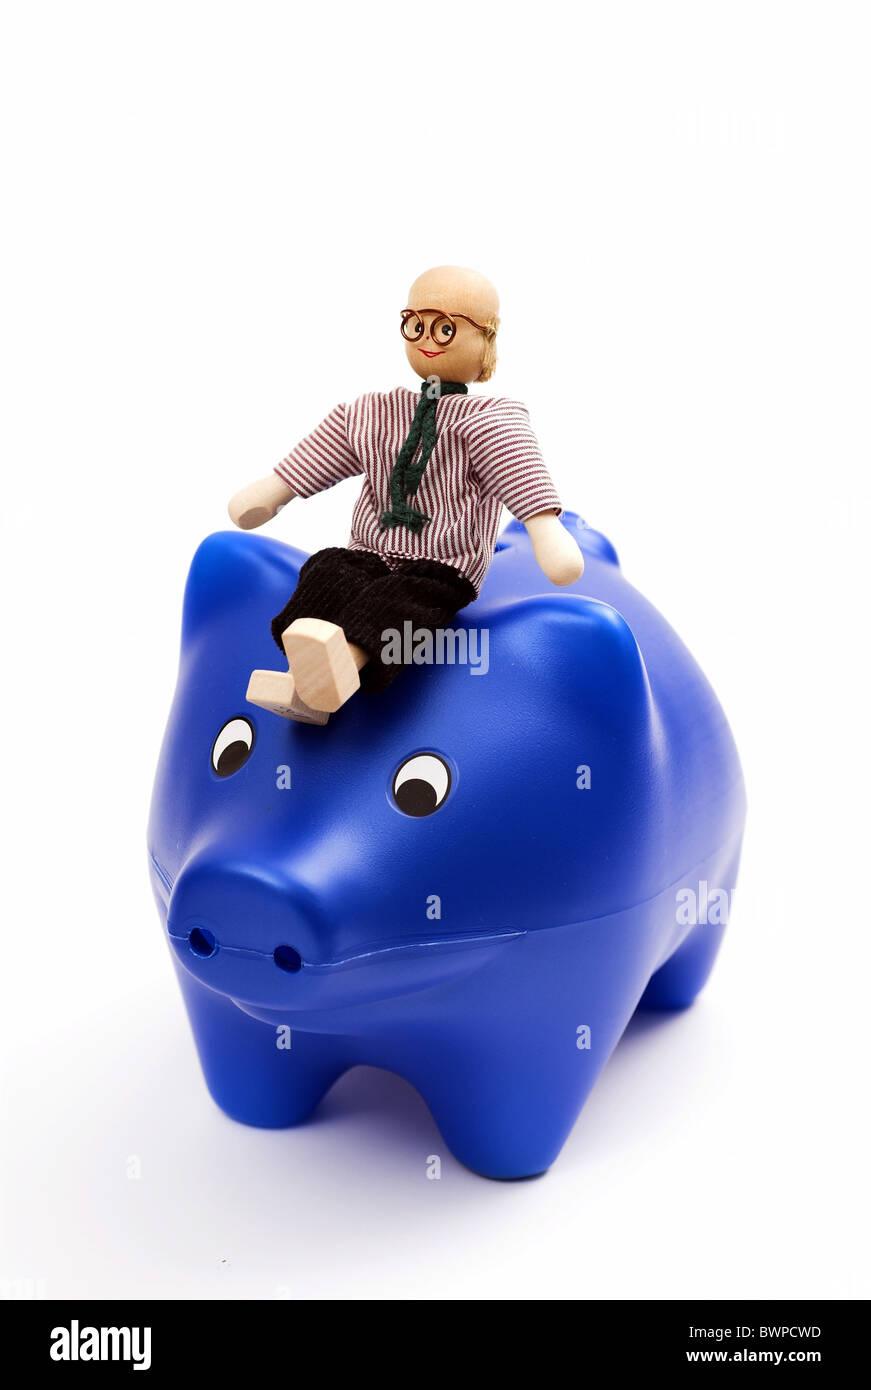 Guardar el hombre figura símbolo concepto alcancía hucha Blue Studio de Prestación de Jubilación Imagen De Stock